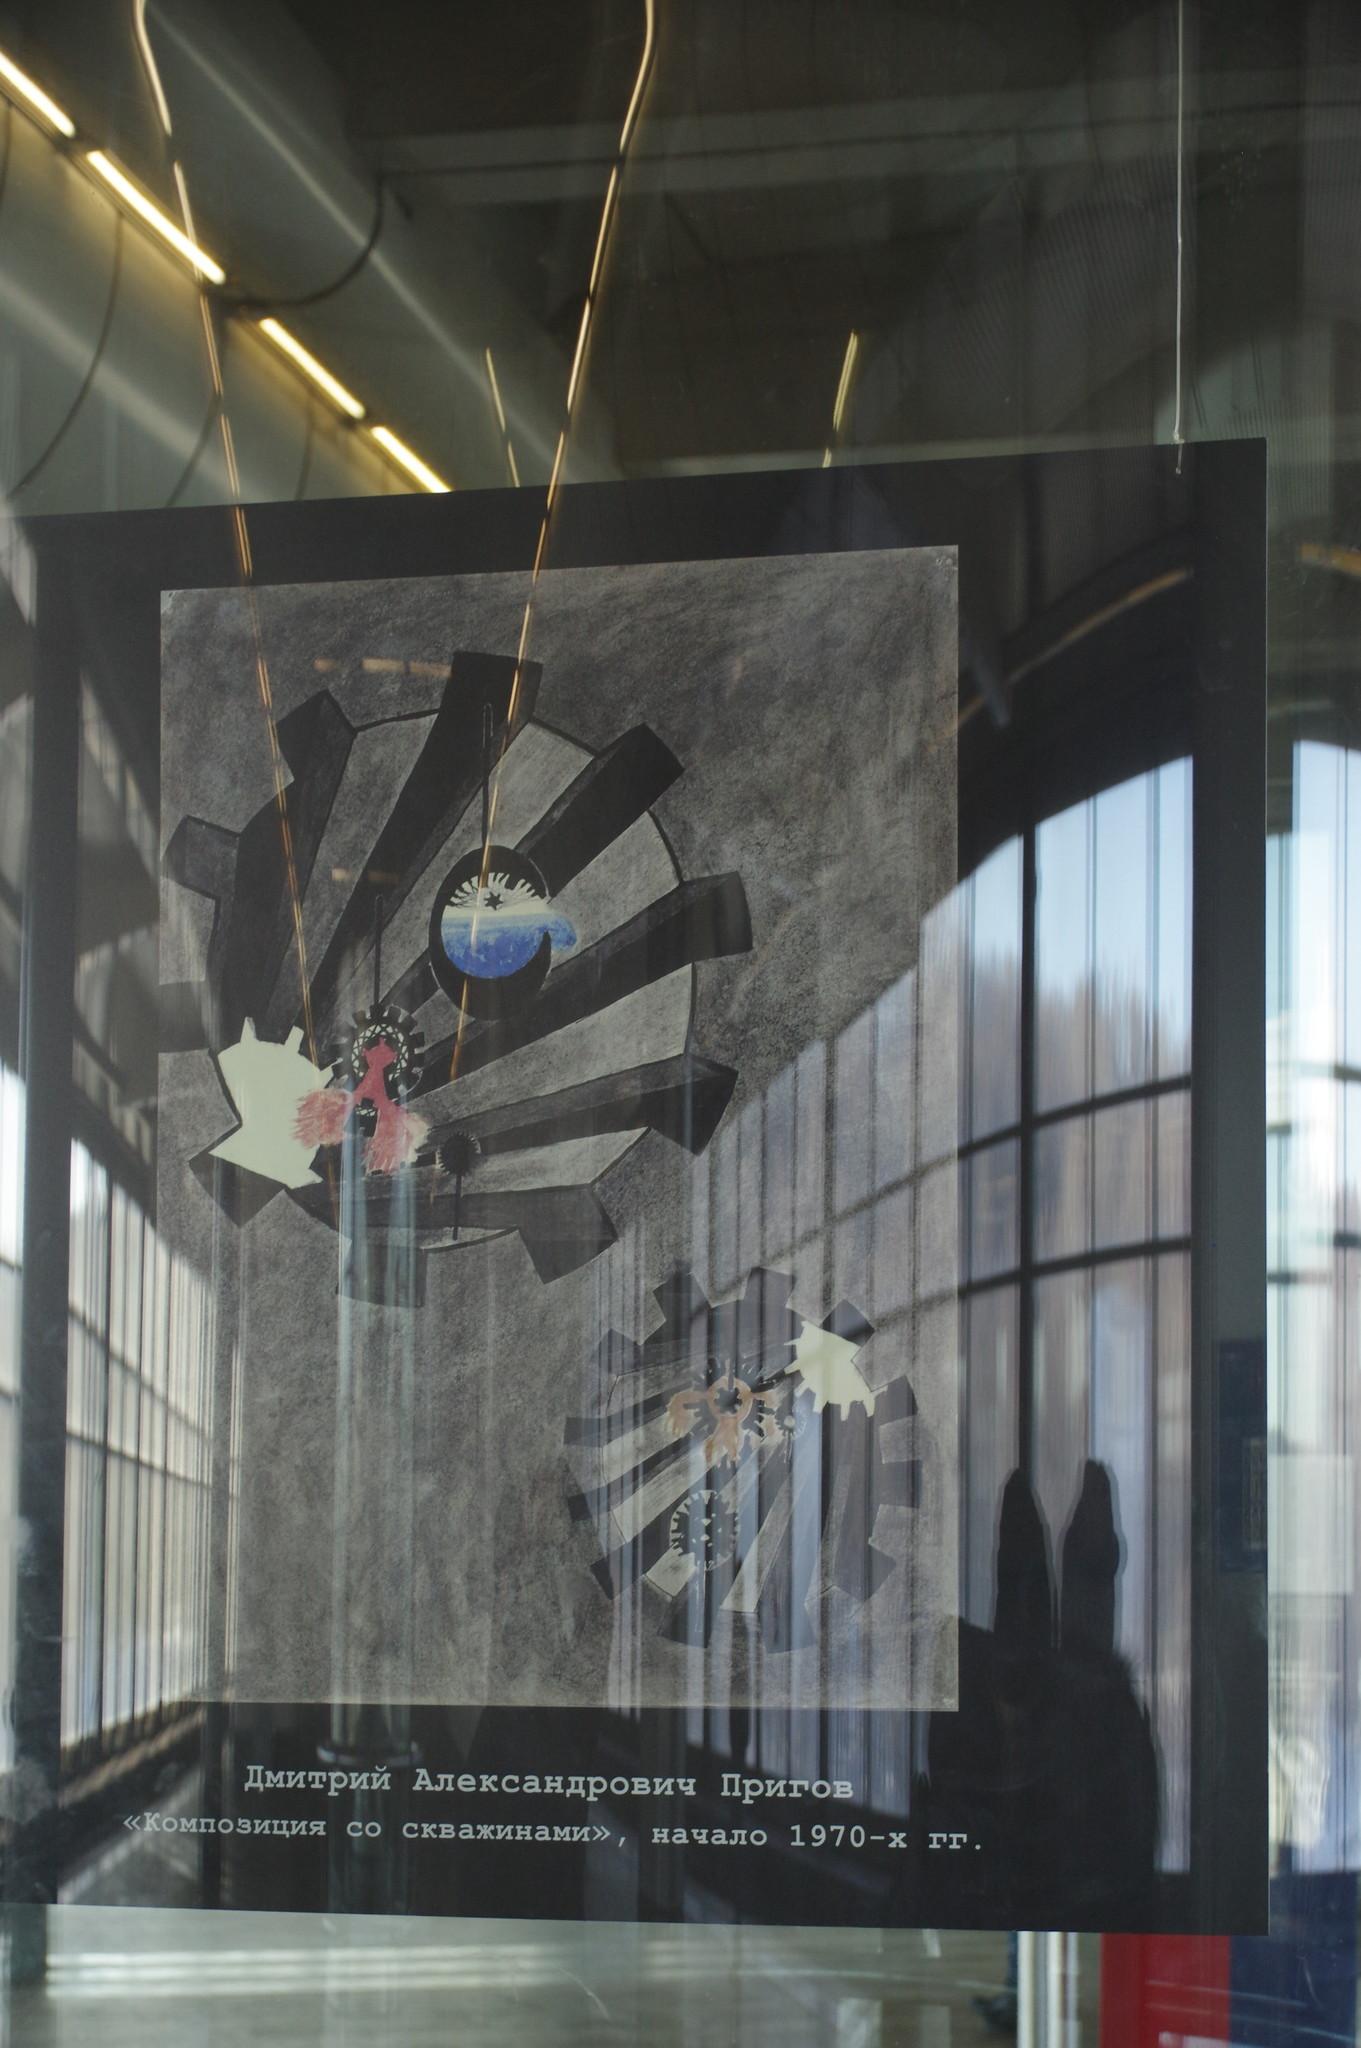 Выставка в честь 80-летия поэта и художника Дмитрия Александровича Пригова на станции «Воробьёвы горы» Московского метрополитена